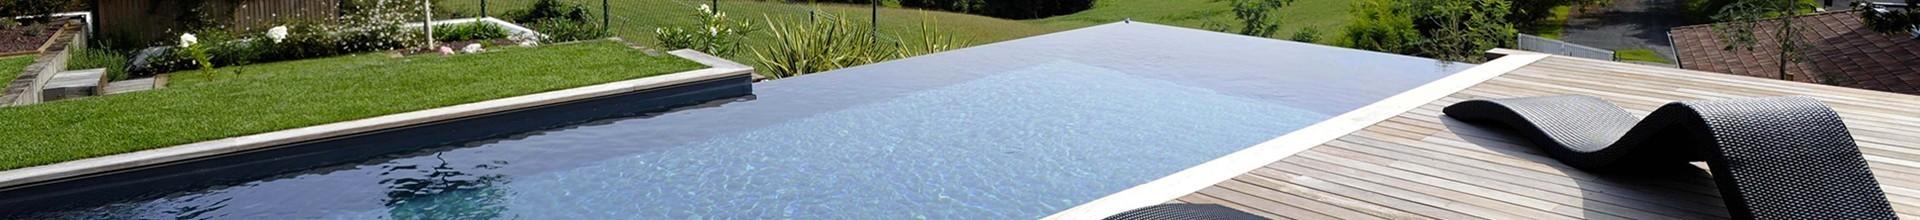 Sarthe Pays de Loire nettoyage d'une piscine en béton